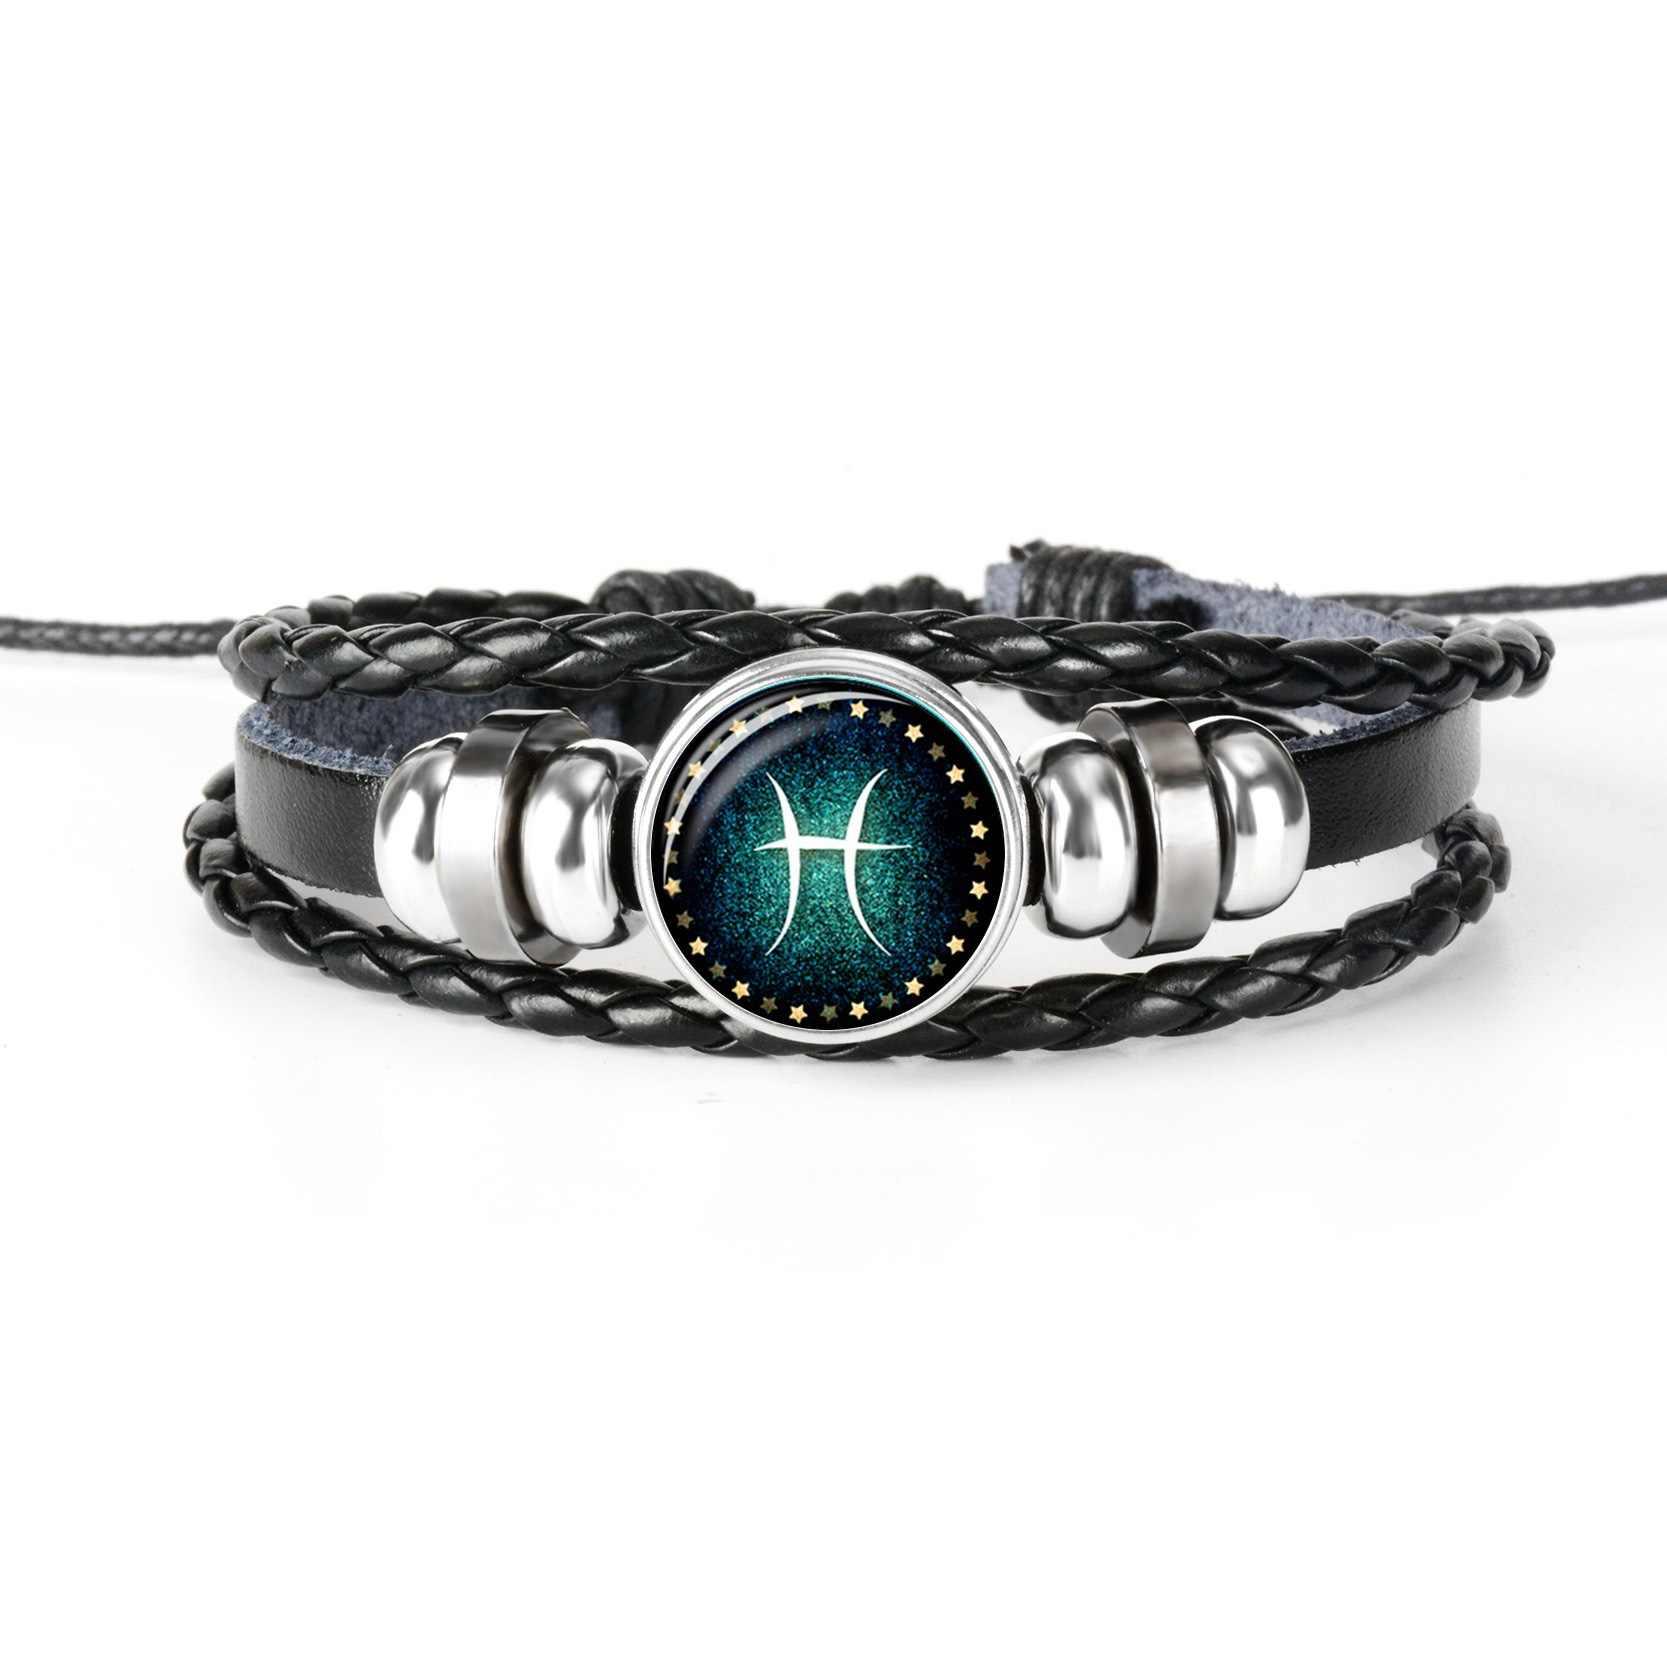 Nowy 12 konstelacji Luminous bransoletka mężczyźni skórzana bransoletka wisiorek bransoletki baran ryby Aquarius Leo Libra Gemini biżuteria prezent